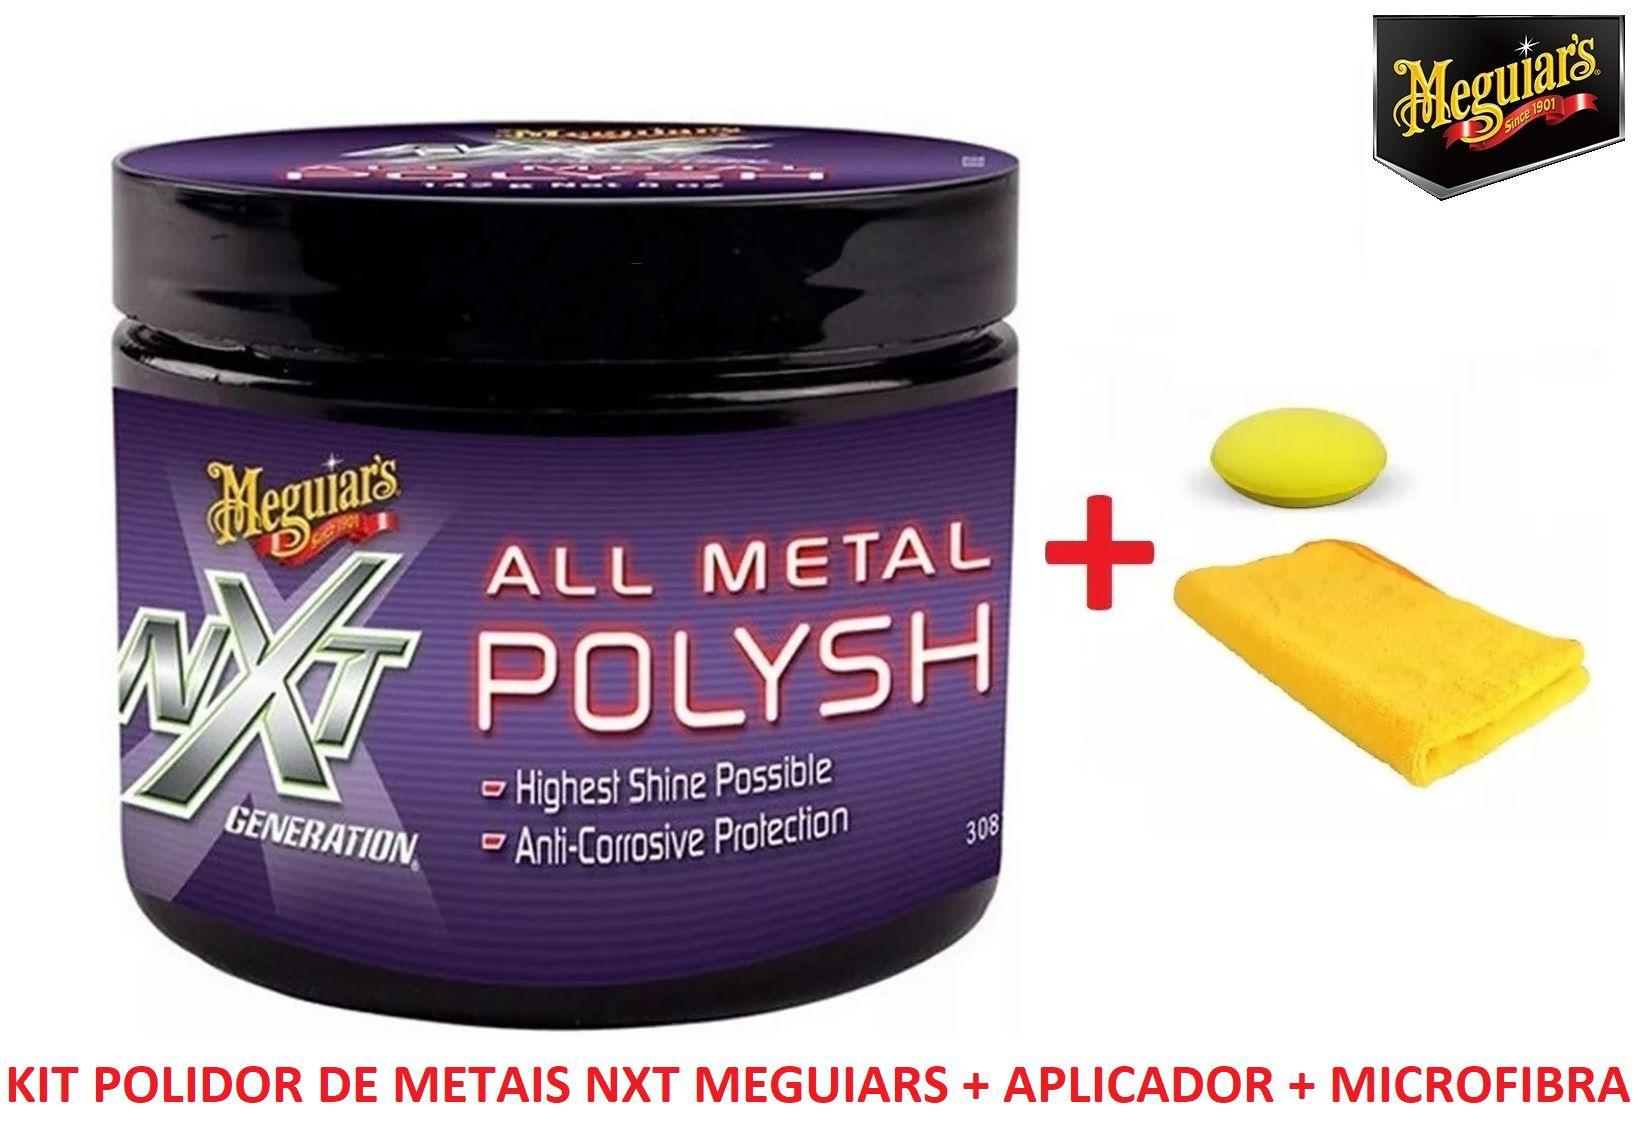 Kit polidor metais NXT + aplicador + microfibra 40x60